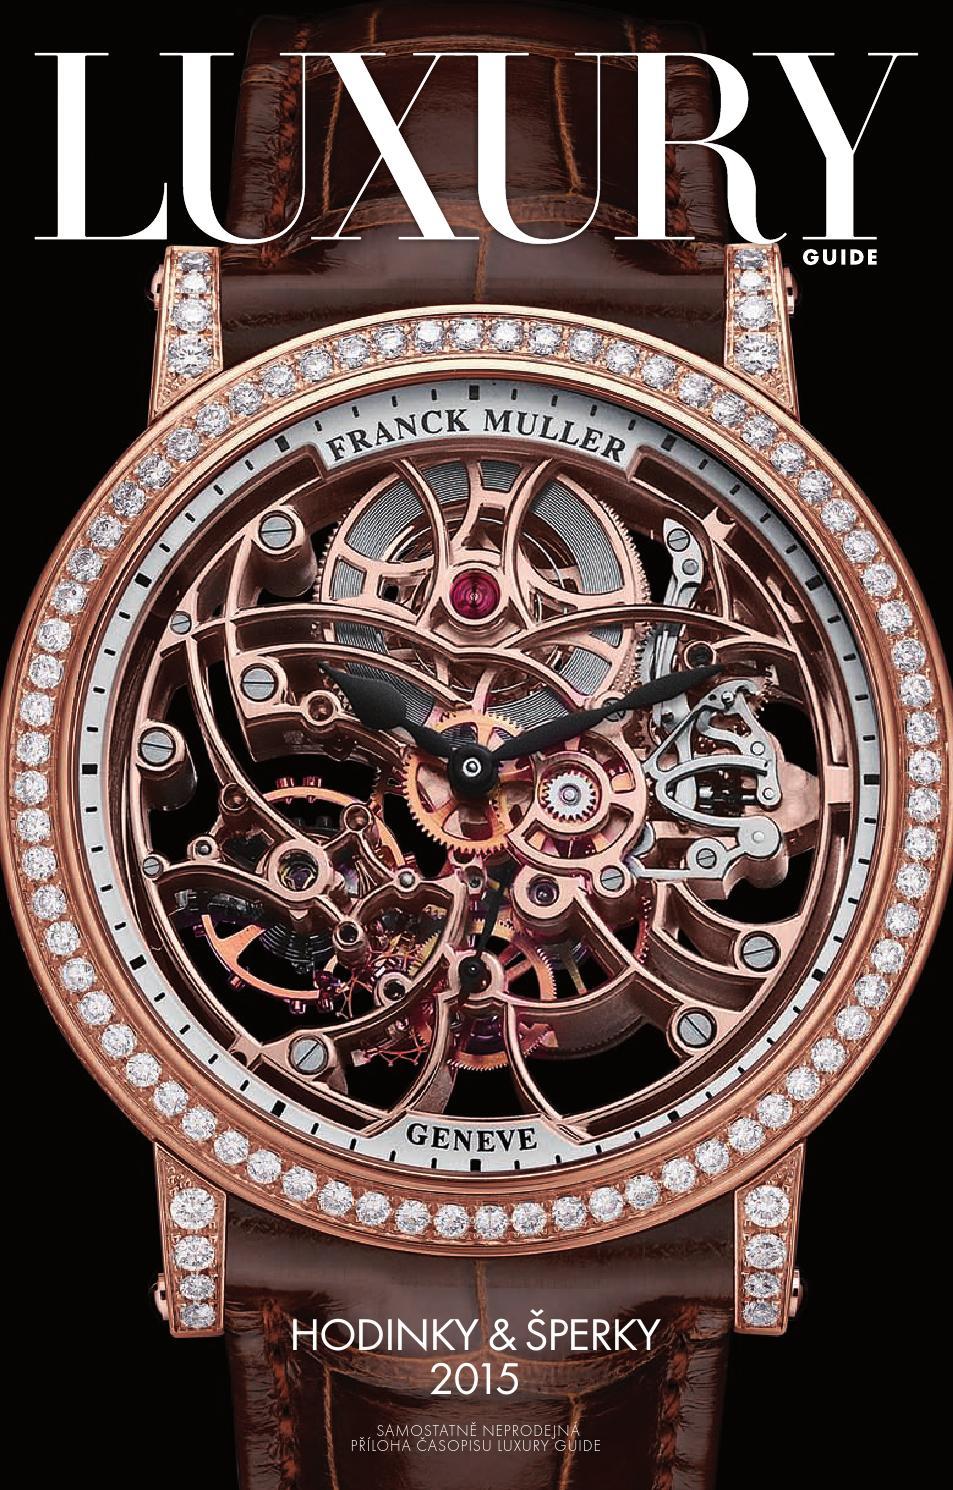 Noviny Hodinky   šperky 2015 by LuxuryGuideCZ - issuu b8316423ad